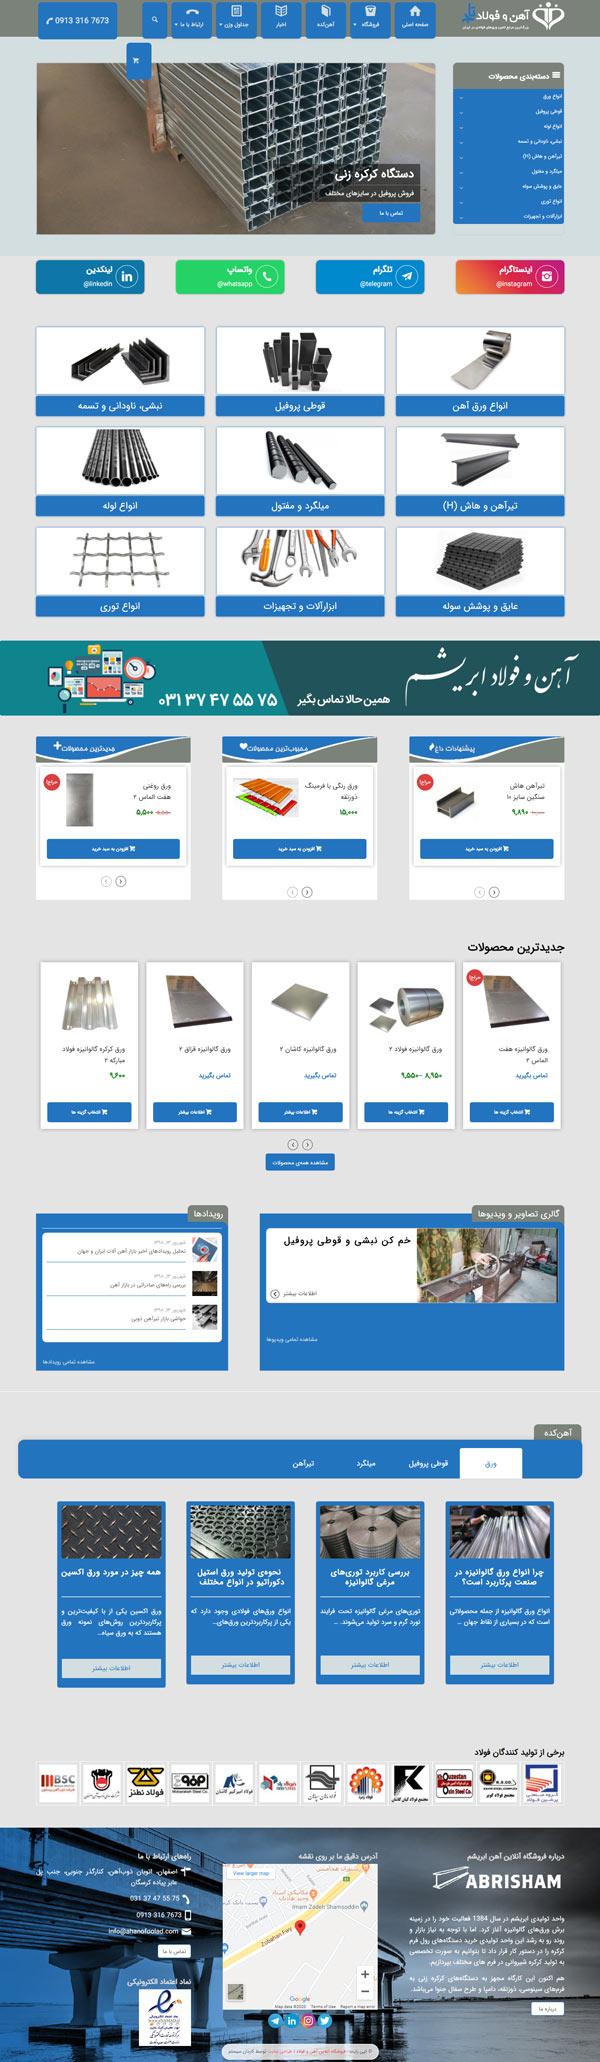 طراحی سایت آهن و فولاد | فروش ورق و آهن آلات